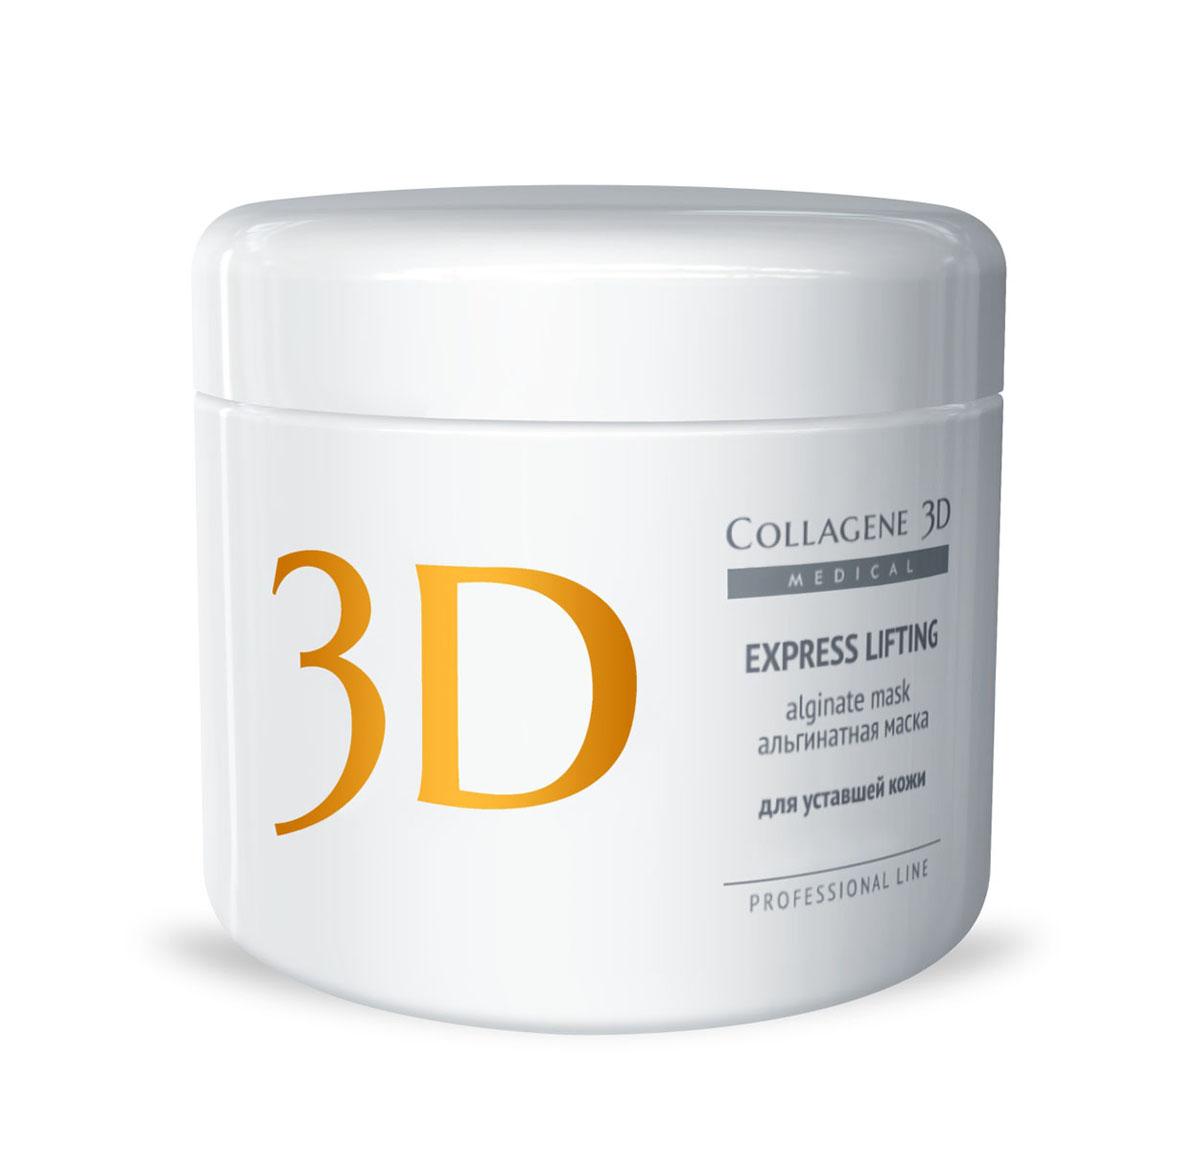 Medical Collagene 3D Альгинатная маска для лица и тела Express Lifting, 200 гFS-00897Высокоэффективная, пластифицирующая маска на основе лучшего натурального сырья. Лидер среди средств коррекции овала лица. Экстракт Женьшеня входящий в состав маски является мощным биостимулятором.